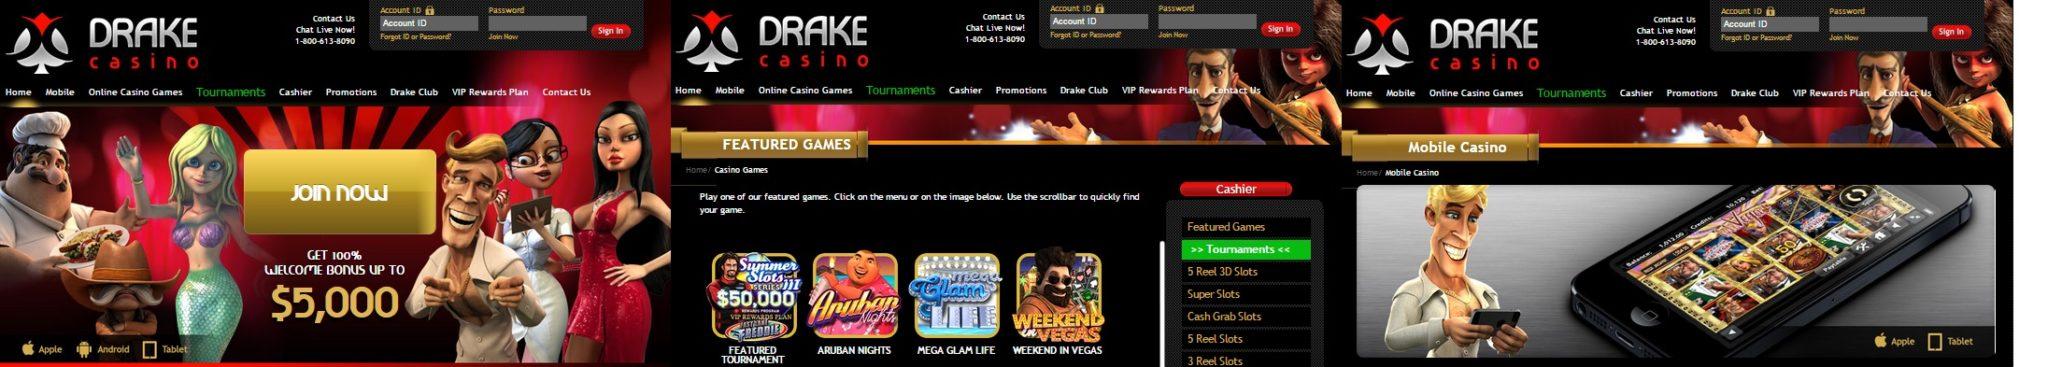 Drake Screens